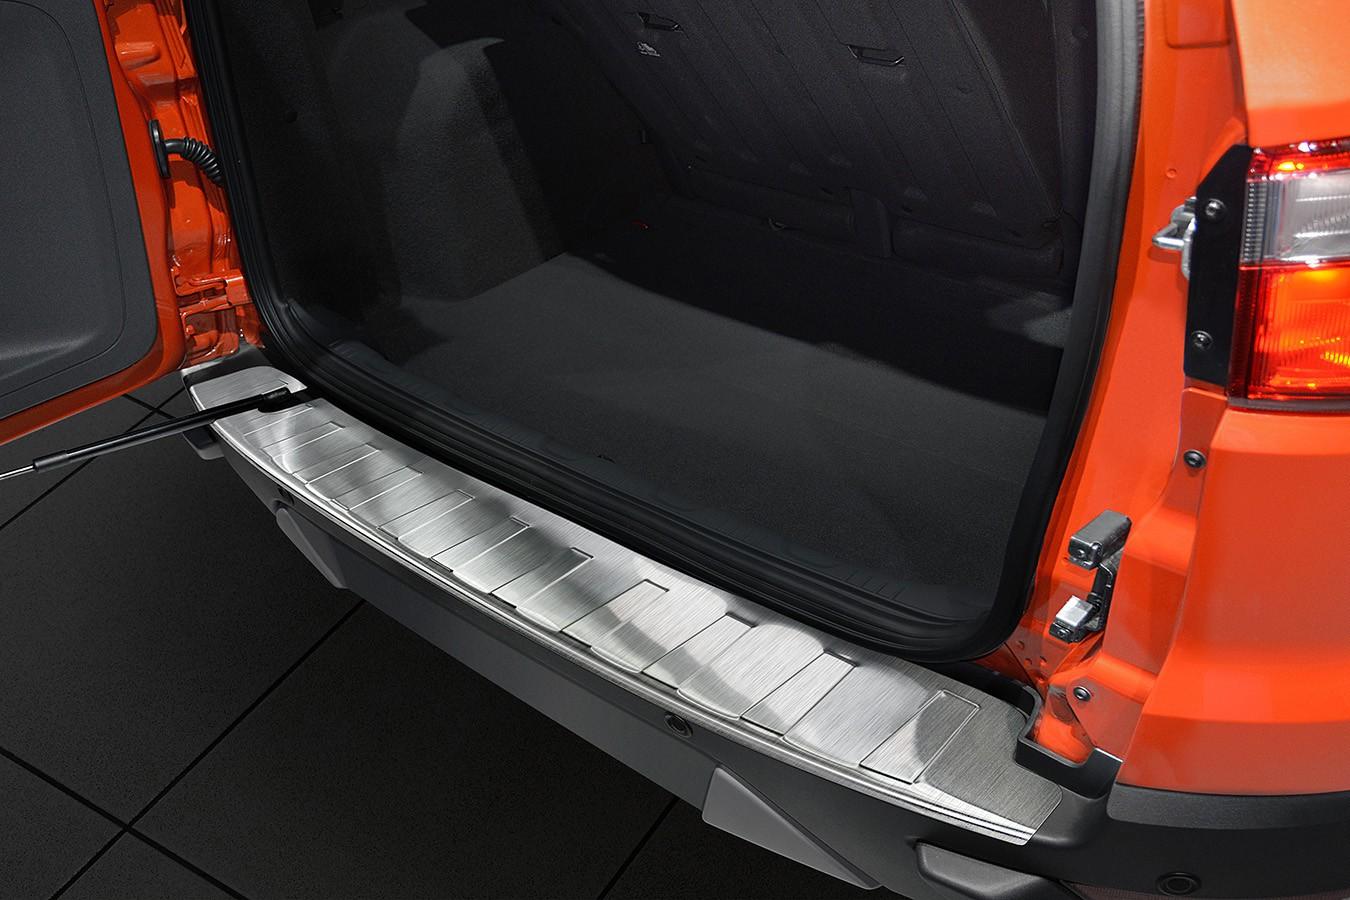 protezione per paraurti in acciaio inox adatta per ford ecosport 2 ii anno 2012 protezione. Black Bedroom Furniture Sets. Home Design Ideas